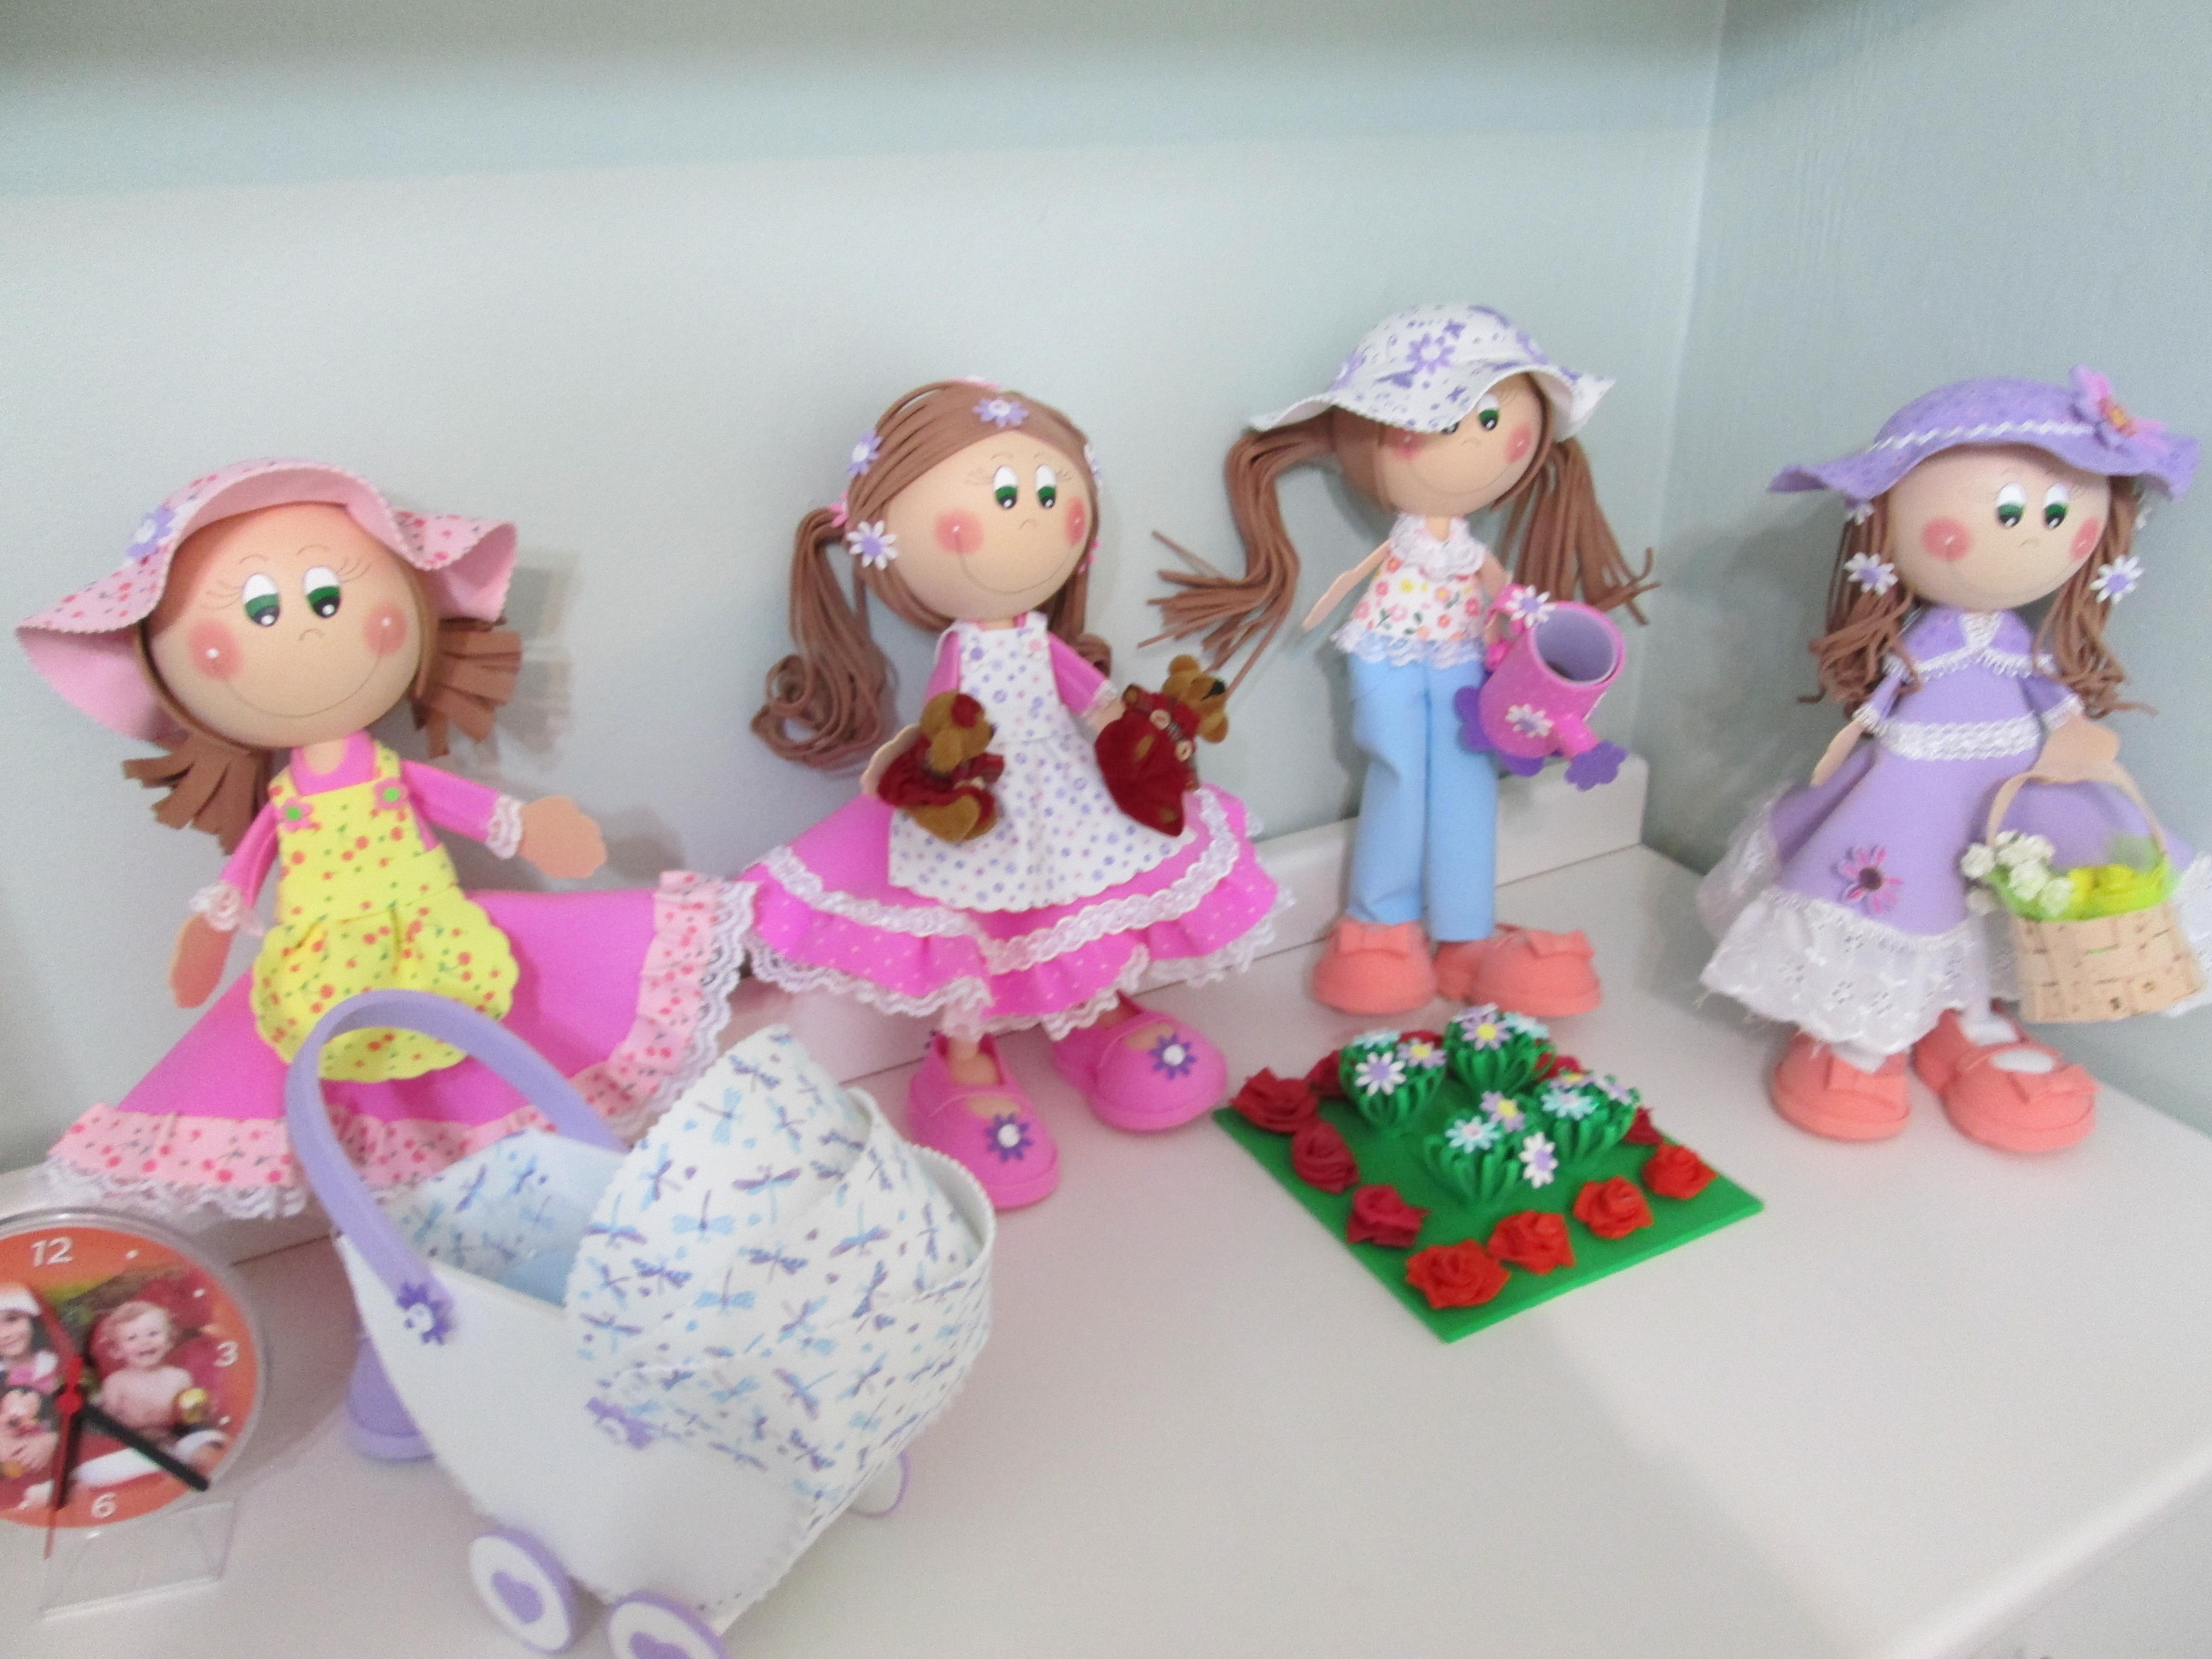 decoracao no jardim:kit-decoracao-bonecas-no-jardim-bonecas-em-eva